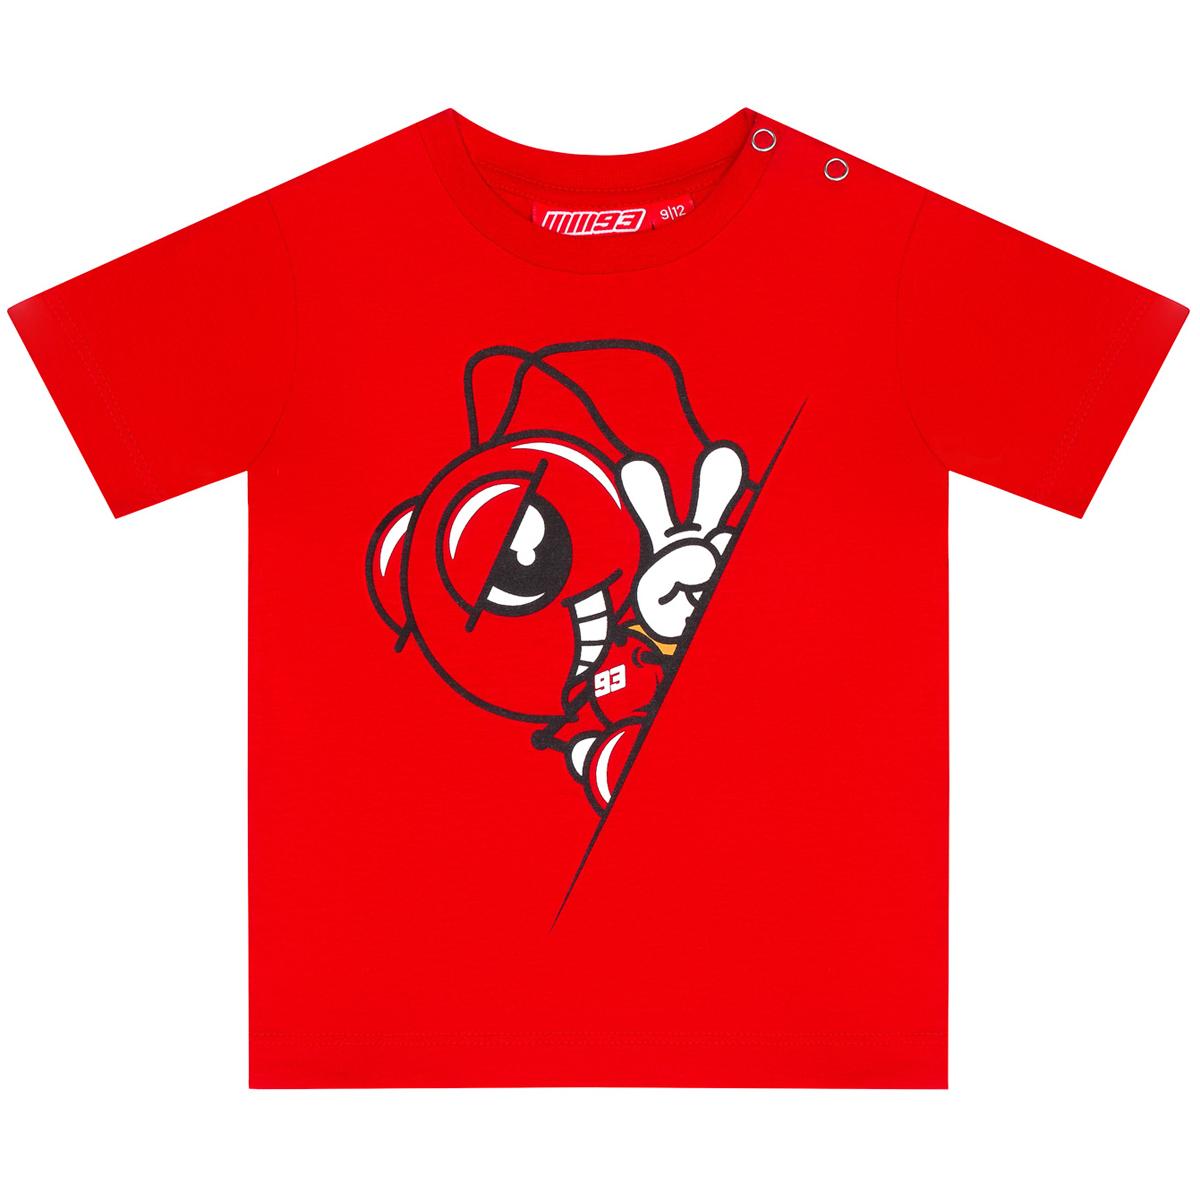 Camiseta GP APPAREL Marc Marquez 93 1983001 Baby